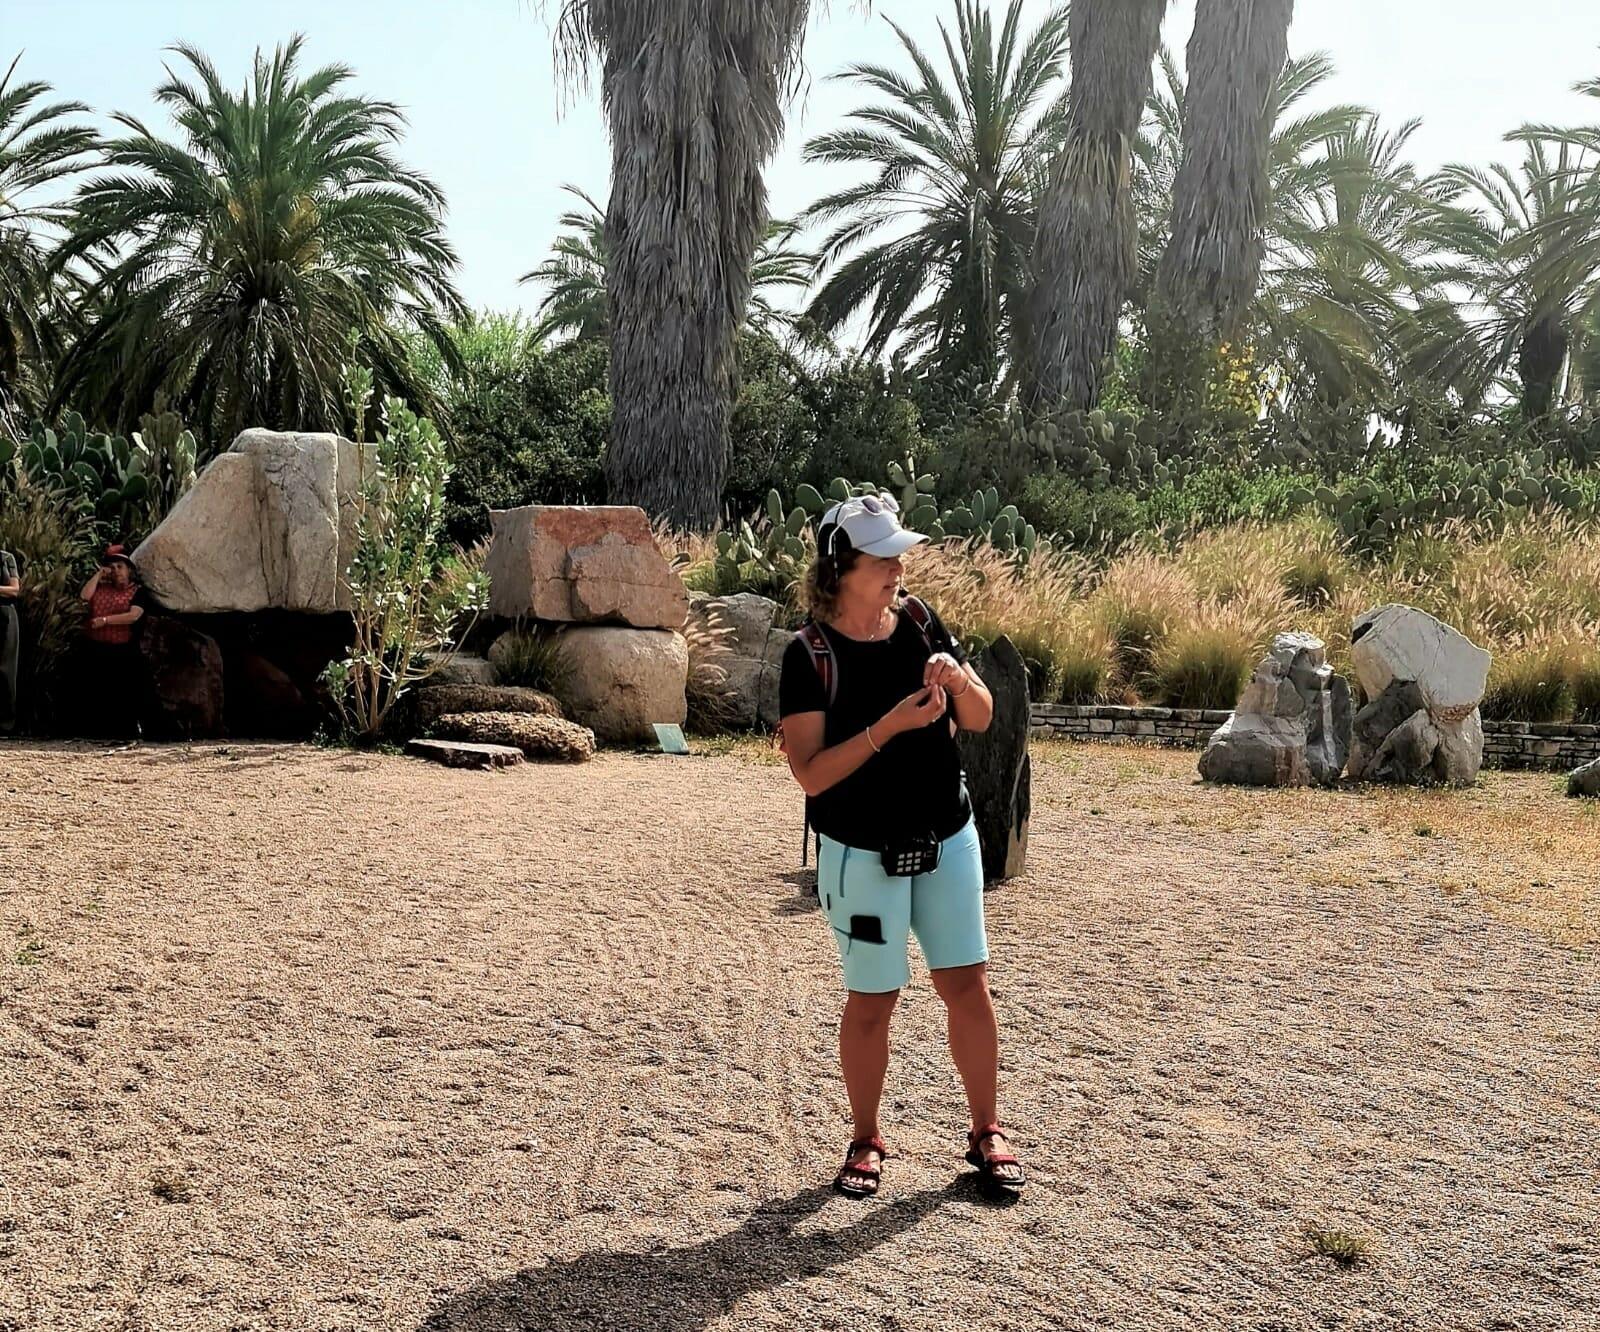 פארק הסלעים גני יהושע: סיור מודרך למועדון סגל אוניברסיטת תל אביב, צילום: סיגל איבס